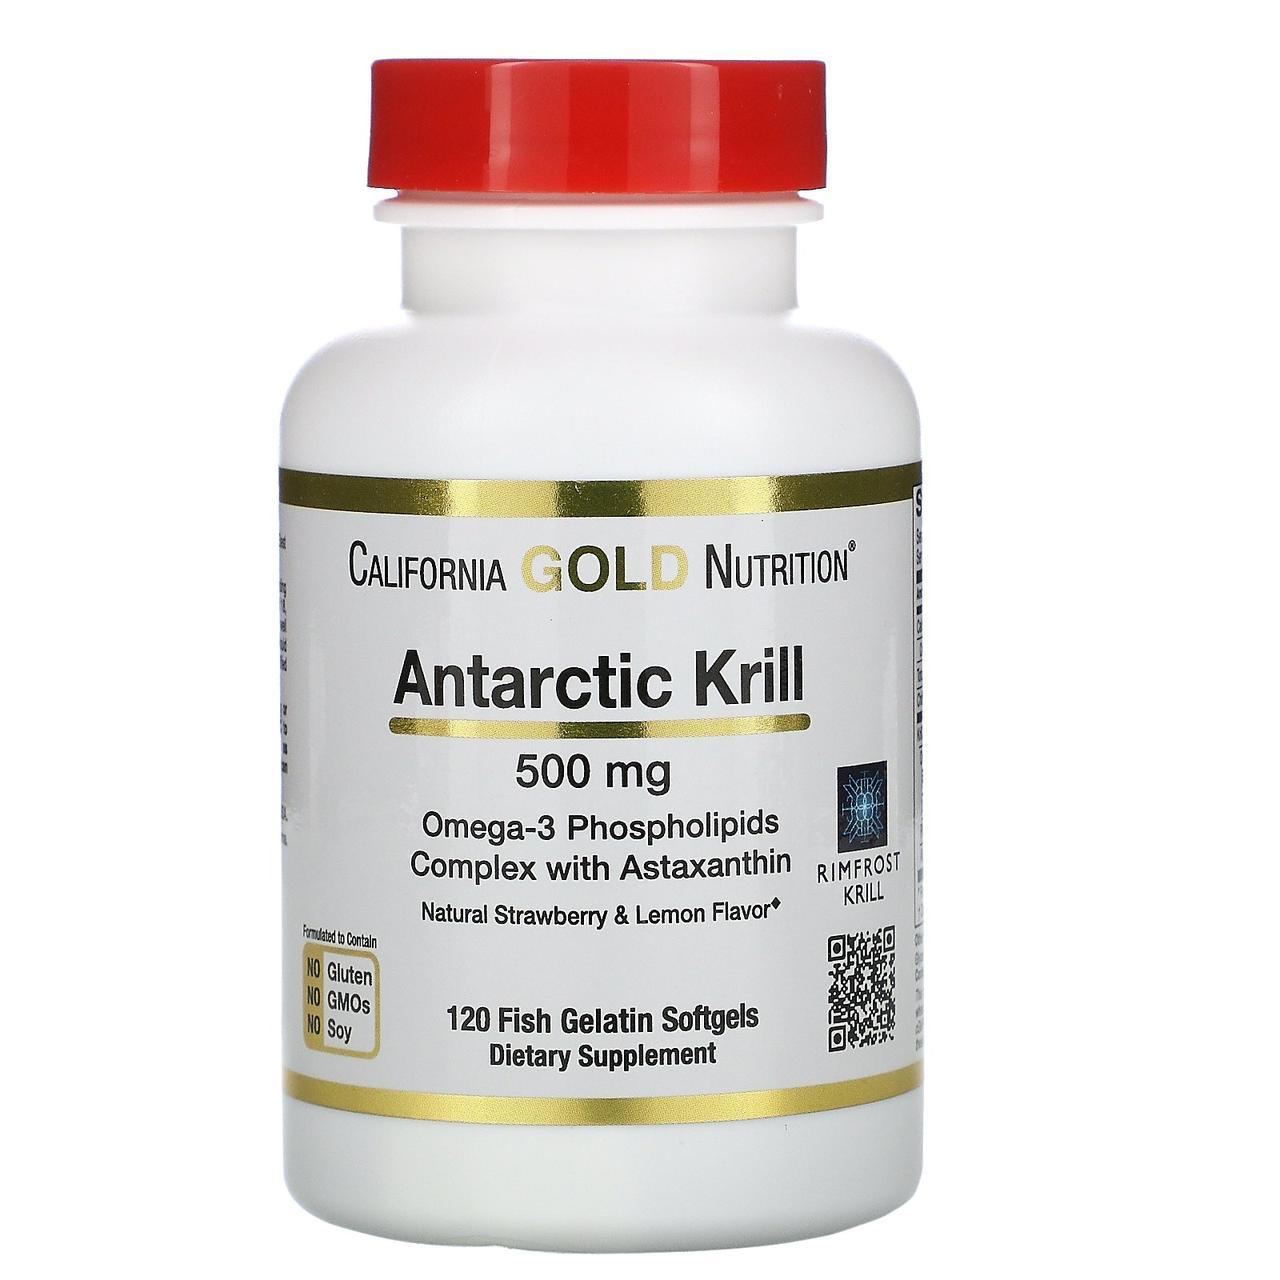 Жир арктического криля от California Gold Nutrition, вкус клубники-лимона, 500 мг, 120 желатиновых капсул